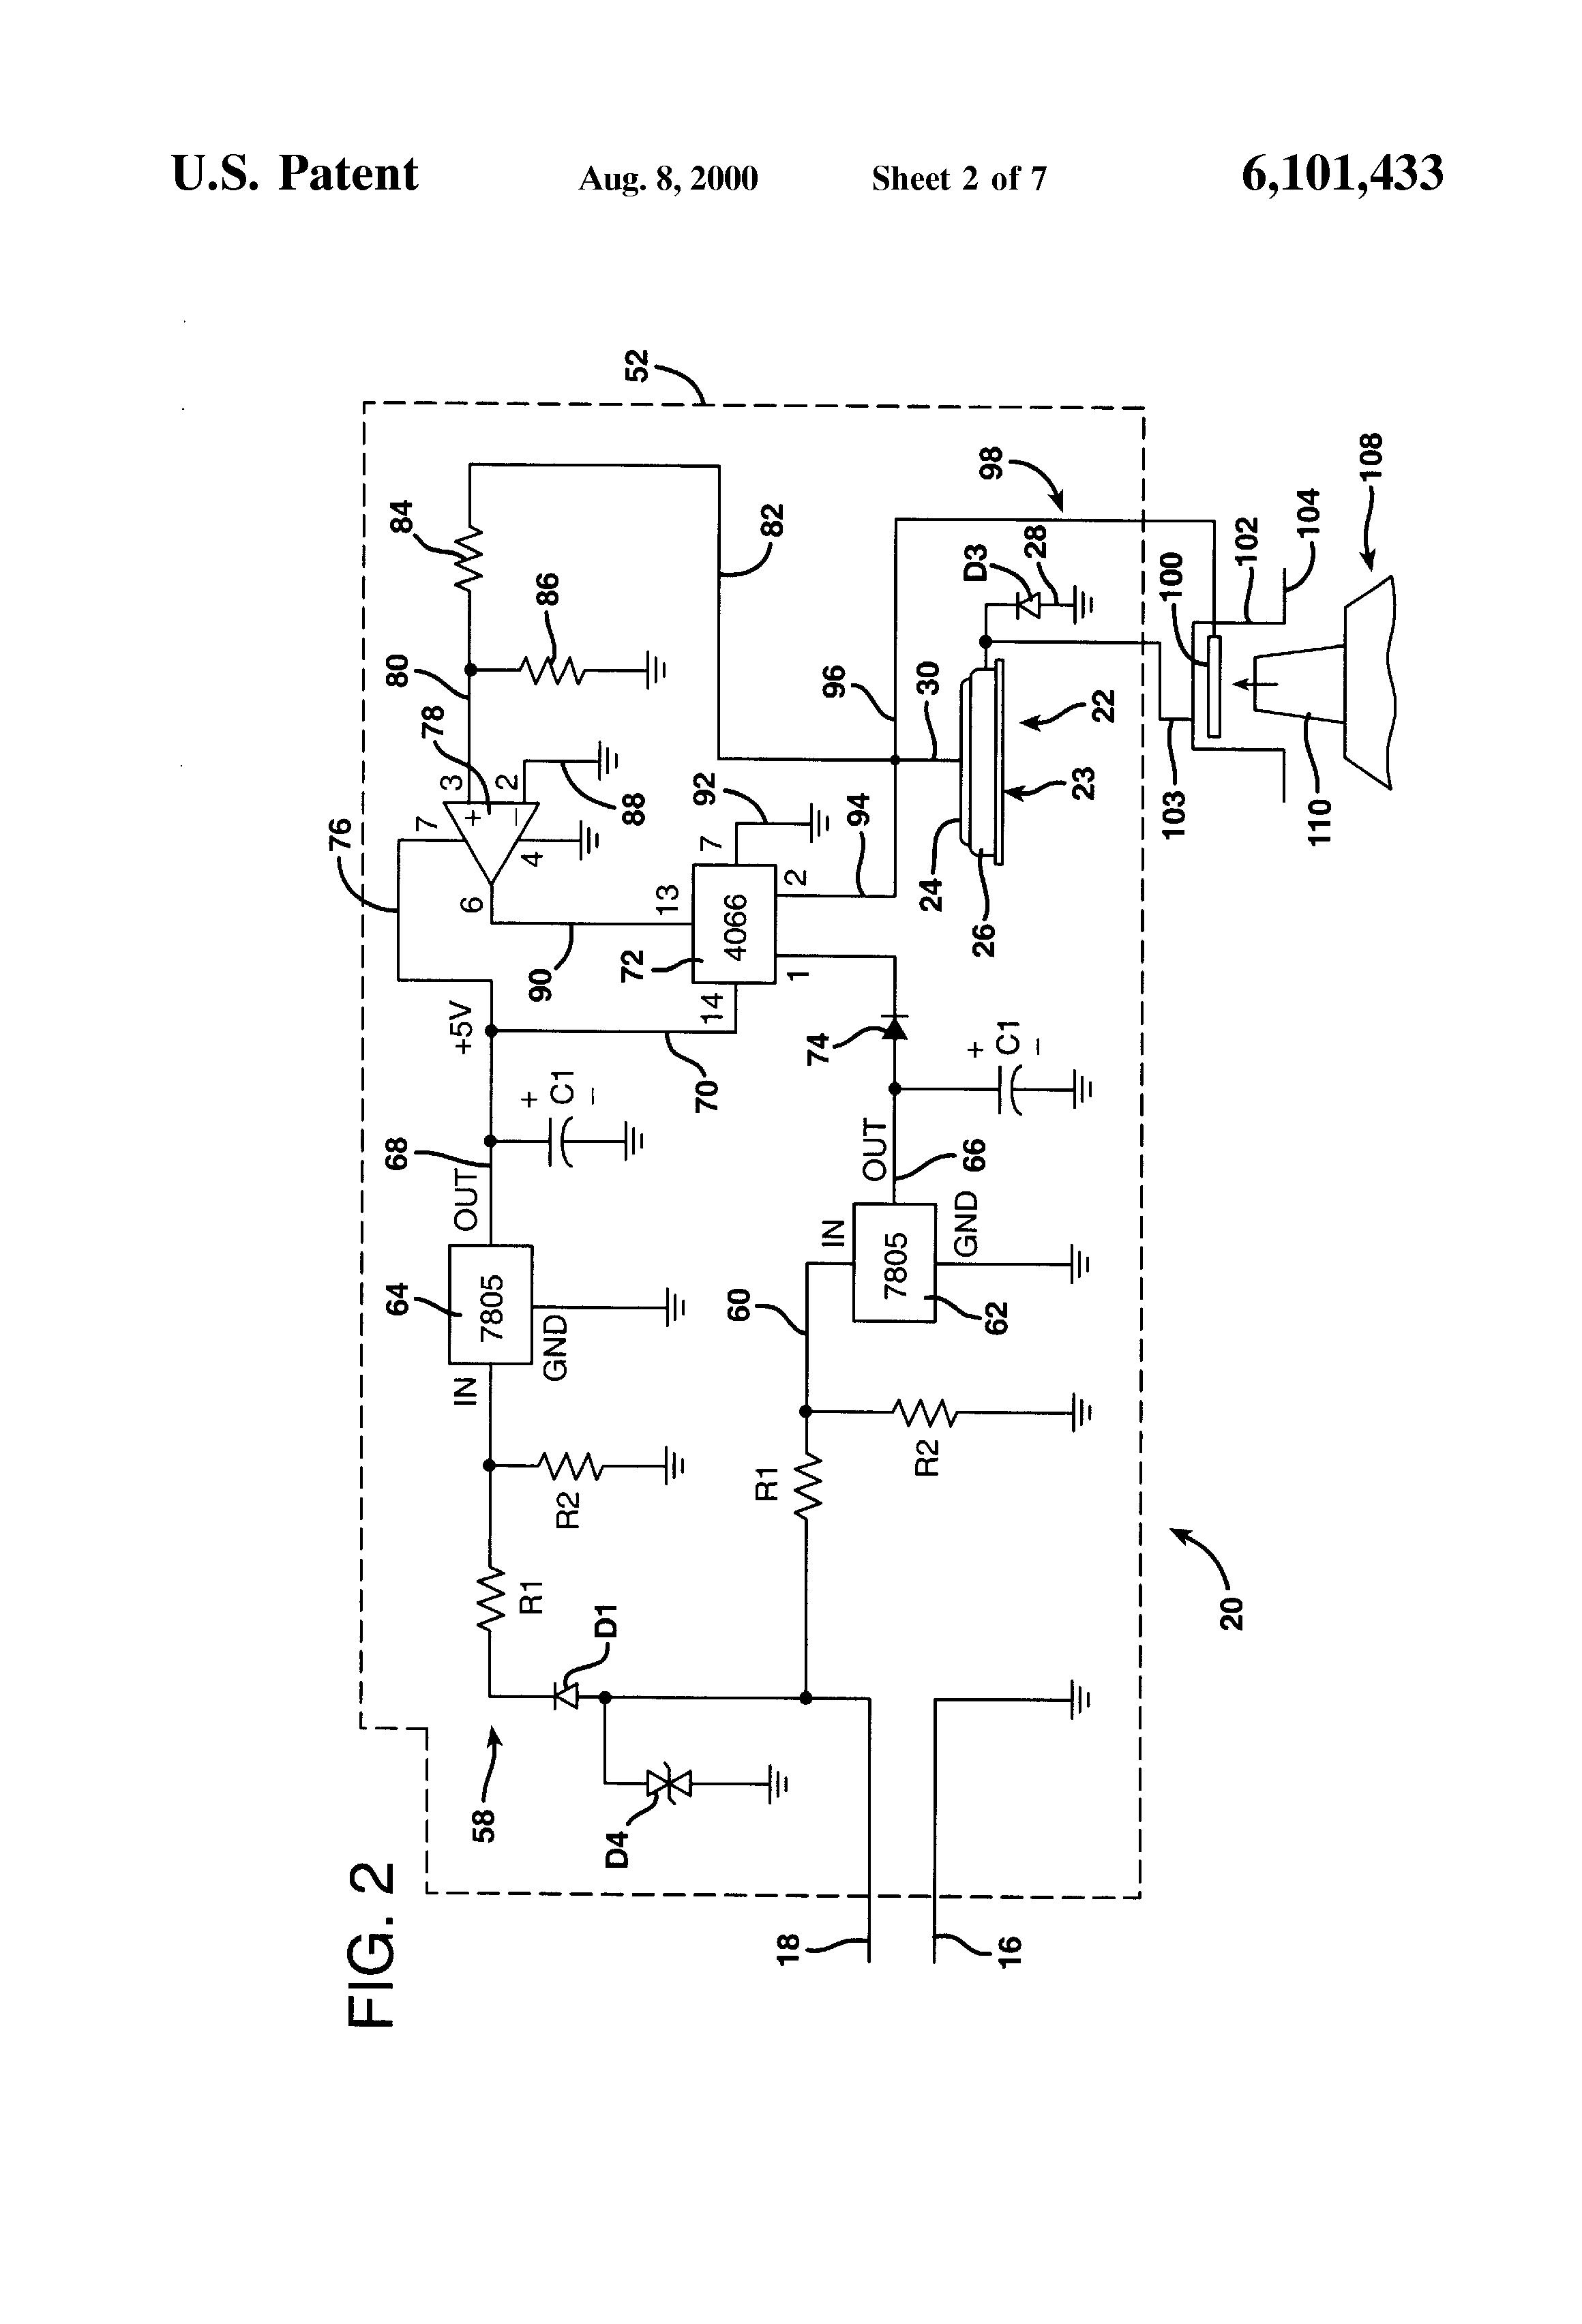 Image Result For Forklift Diagram Wiring Diagram